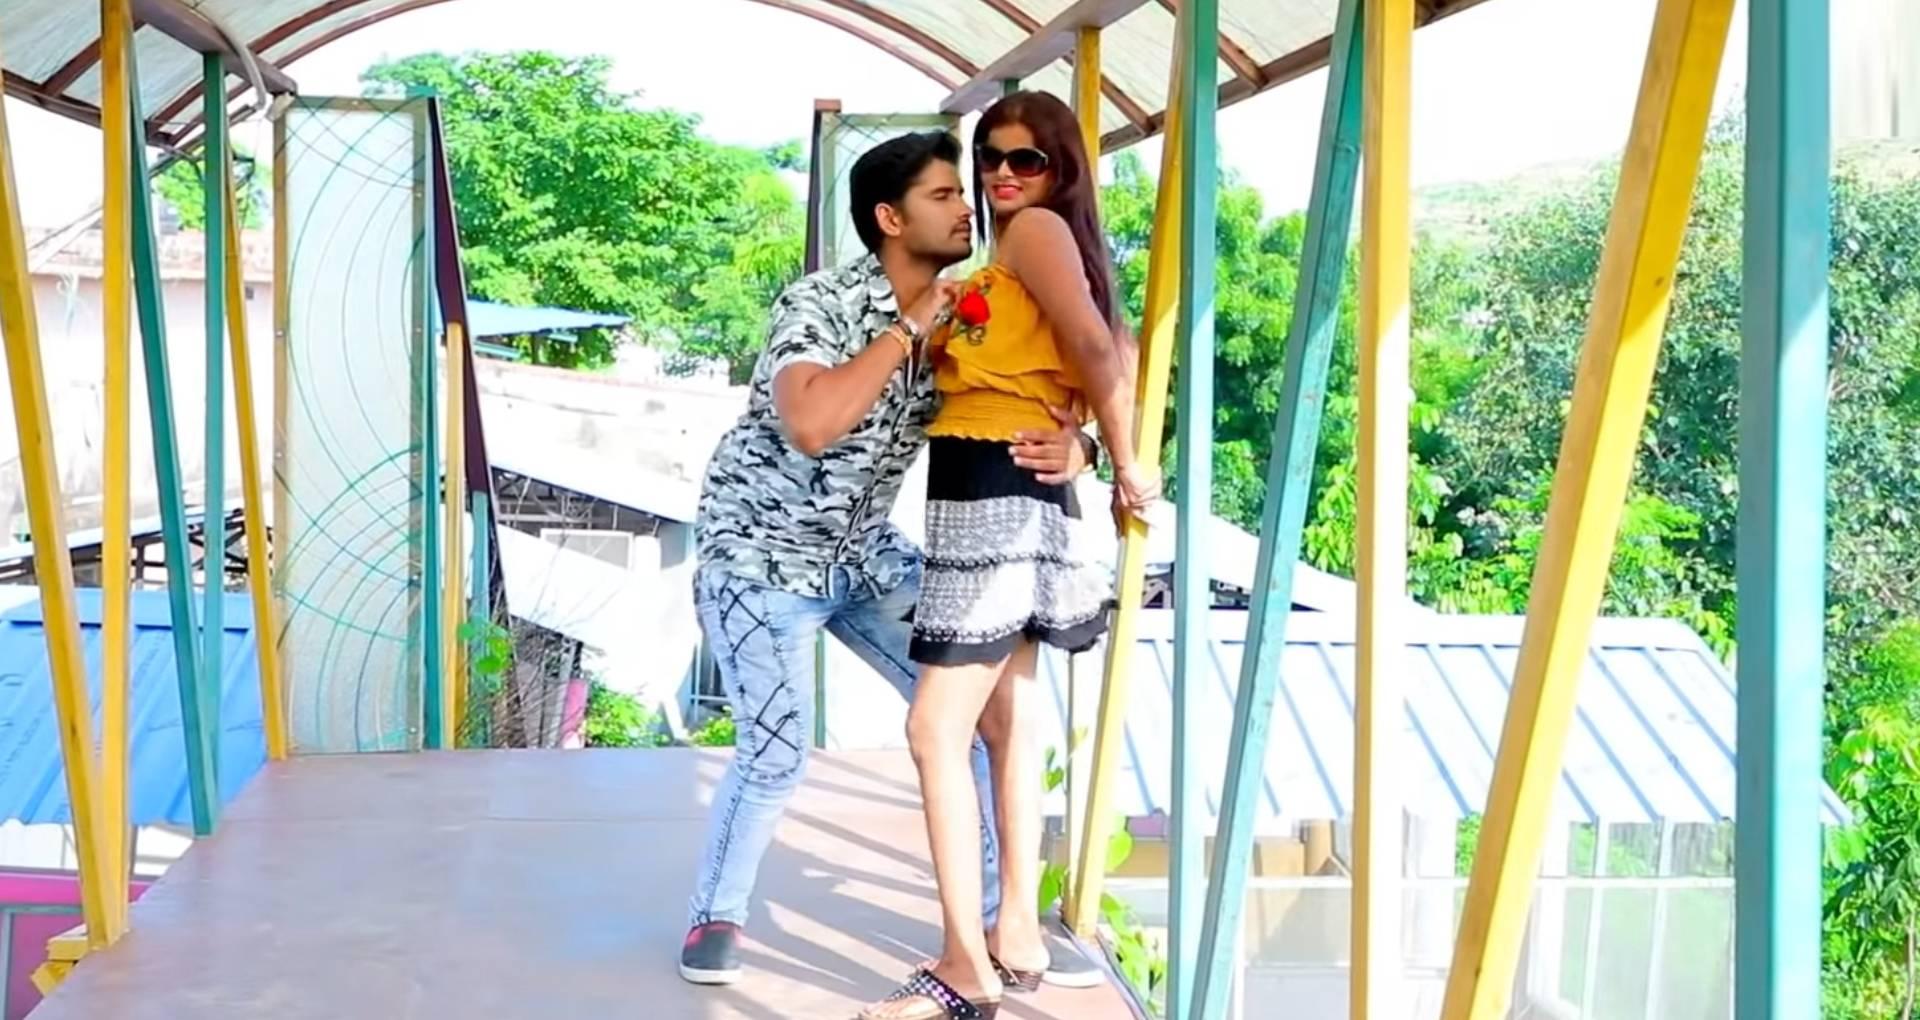 Bhatar Mana Kiya Hai Song: अंतरा सिंह प्रियंका-बबुआ दिलकुश का नया बोल्ड सॉन्ग लॉन्च, देखिए ये रोमांटिक वीडियो